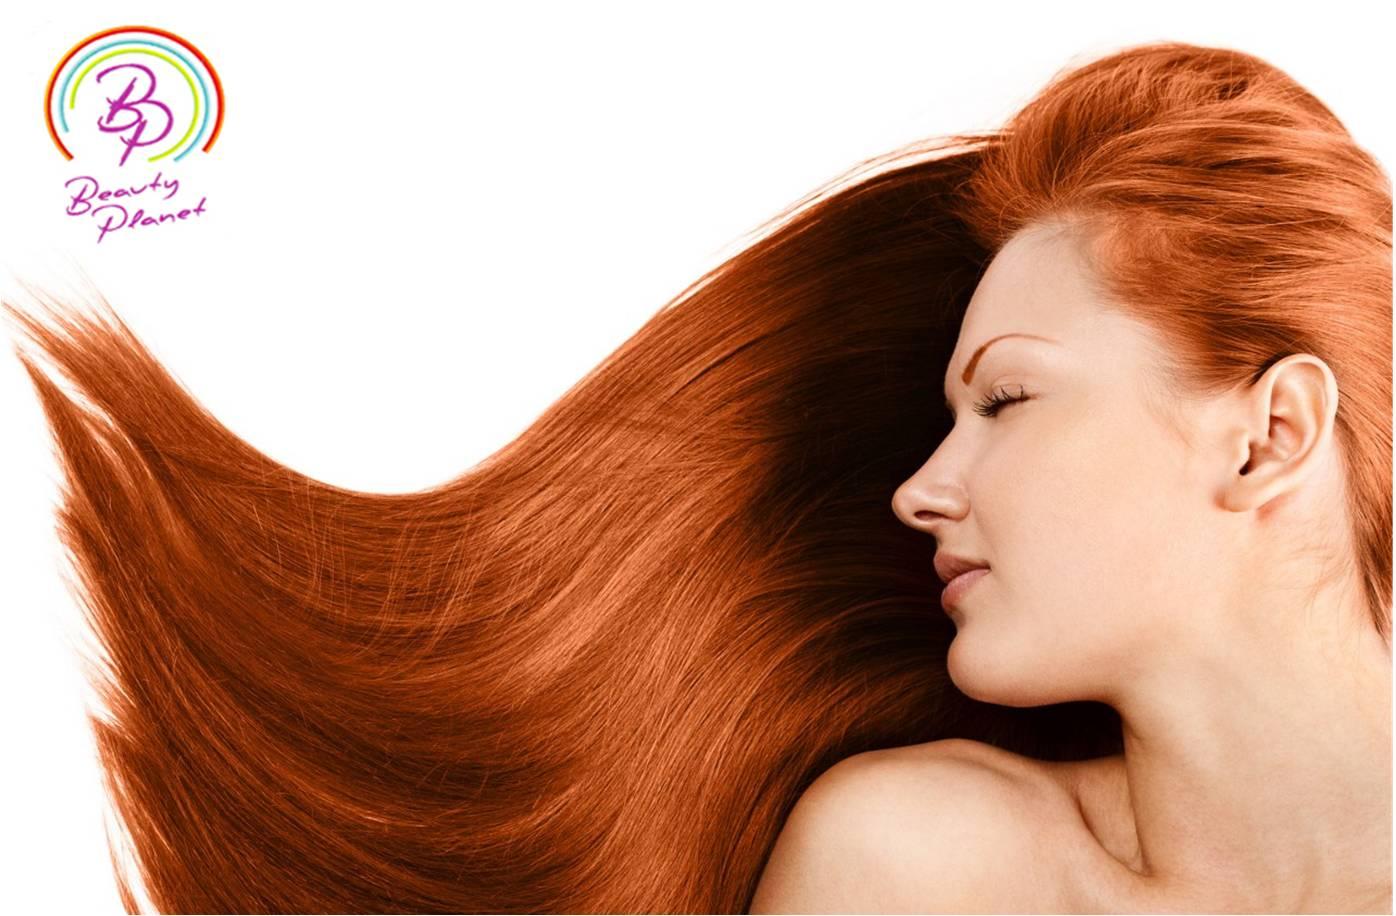 Προσφορά HappyDeals  - 20€ από 74€ για Βαφή, Ειδικό Λούσιμο για Κλείδωμα Χρώματος, Χτένισμα Styling, Θεραπεία Ενυδάτωσης μαλλιών & Σχηματισμό Φρυδιών, στο χώρο ομορφιάς ...